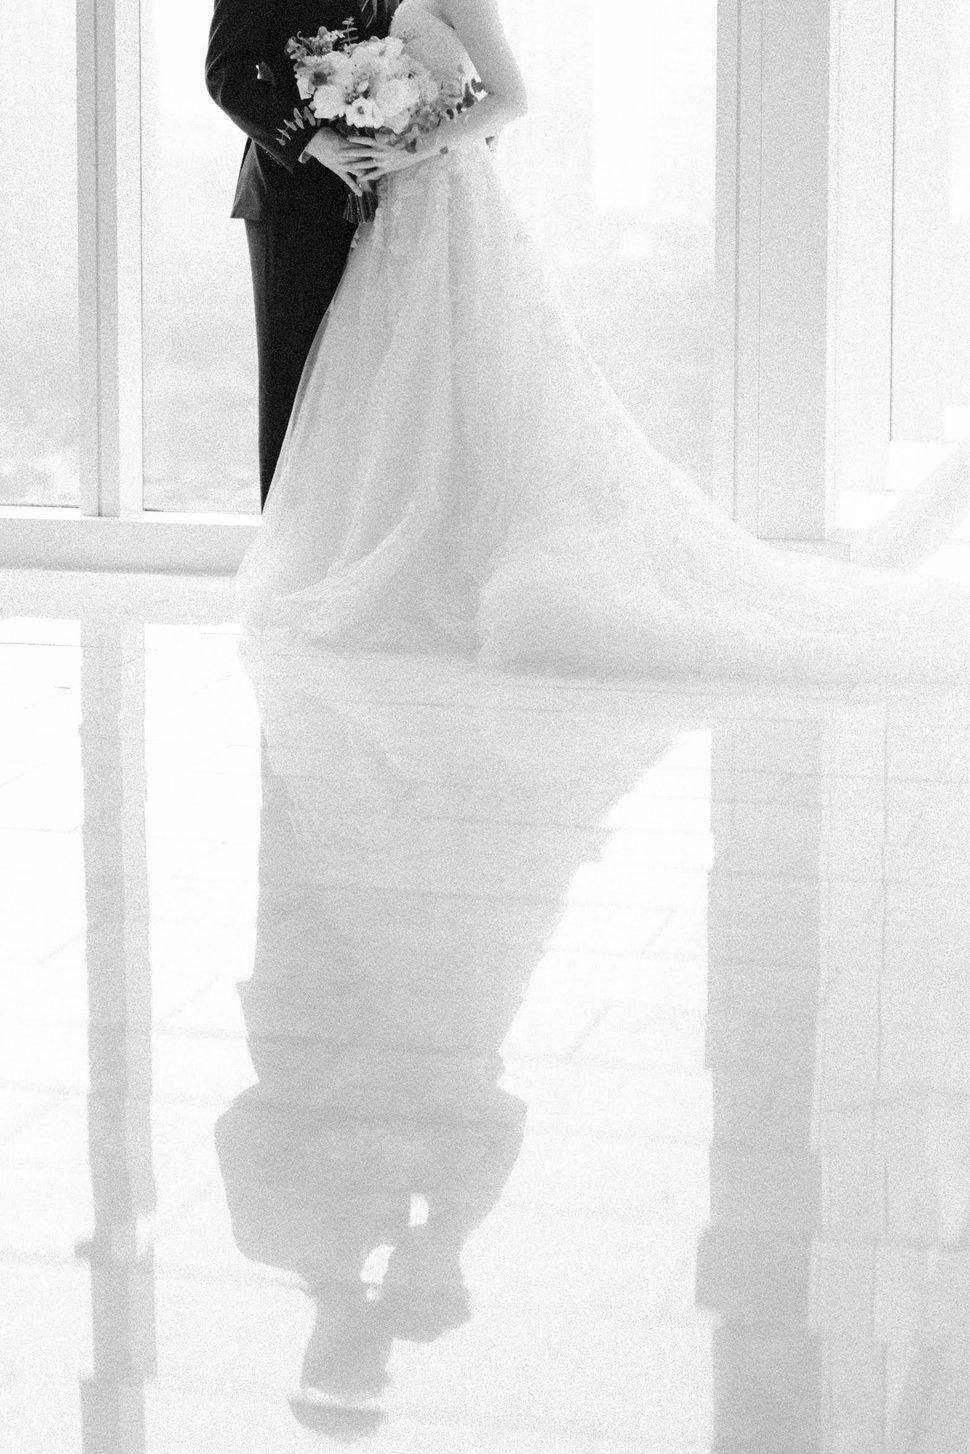 高雄林皇宮婚禮 -美式婚禮-美式婚禮紀錄- 教堂證婚-Amazing Grace 攝影美學 -台北婚禮紀錄 - Amazing Grace Studio34 - Amazing Grace Studio《結婚吧》